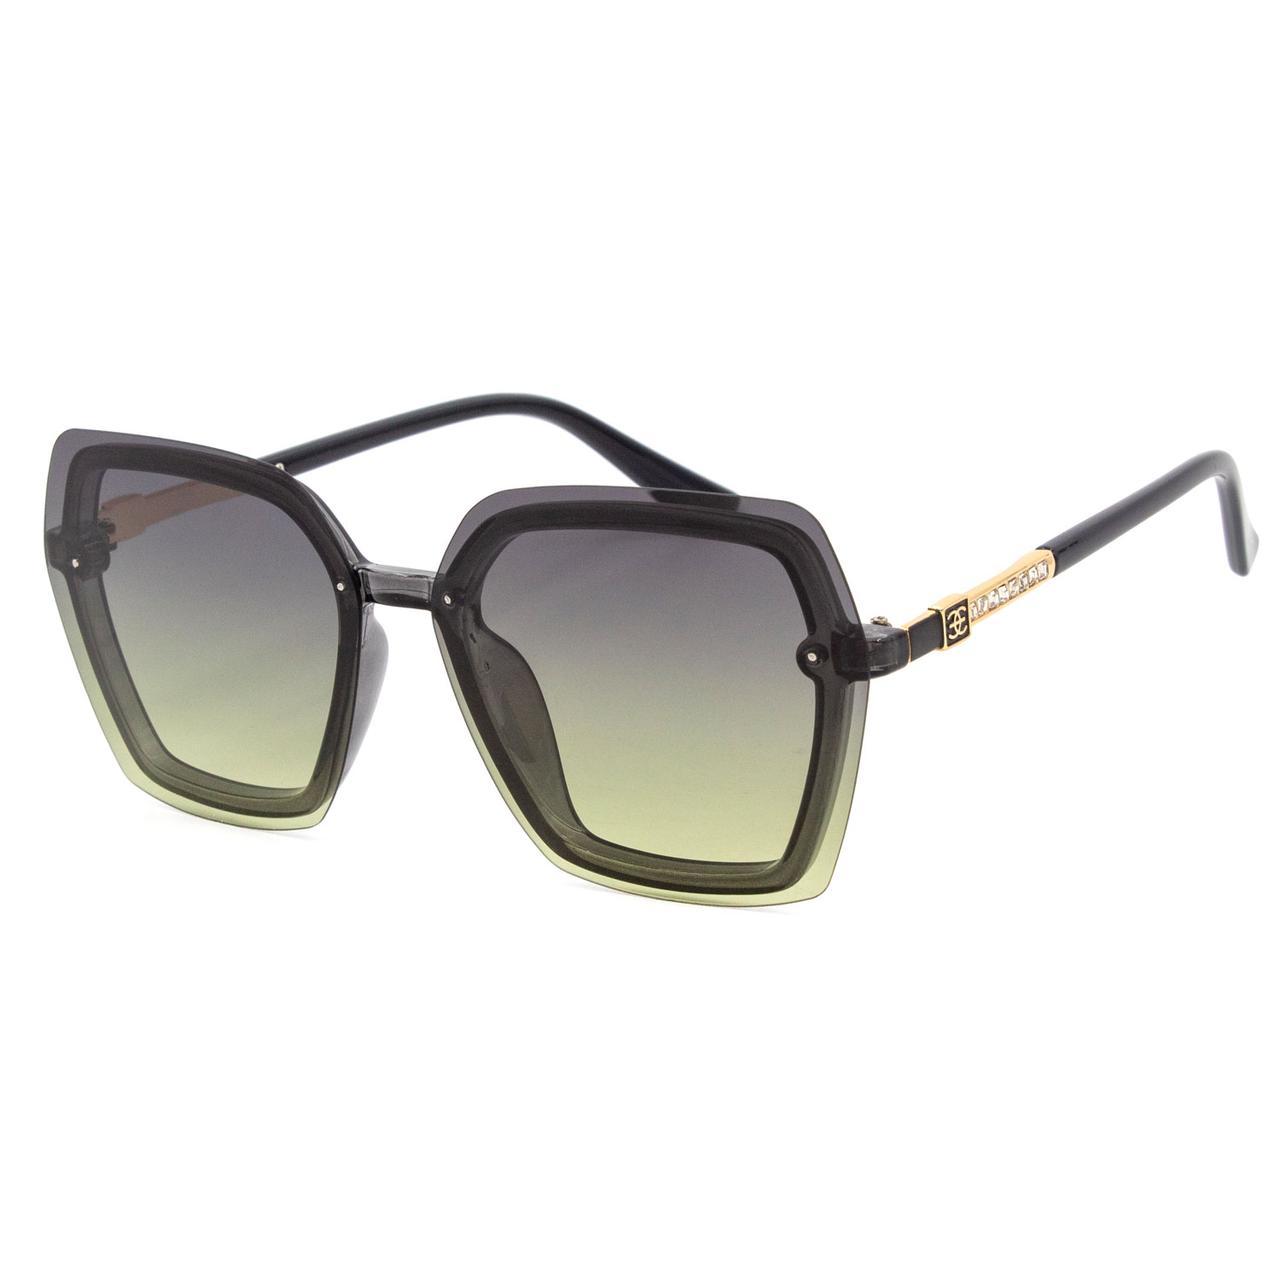 Солнцезащитные очки Marmilen Polar 3230 C2 черные с градиентом   ( 3230-02 )